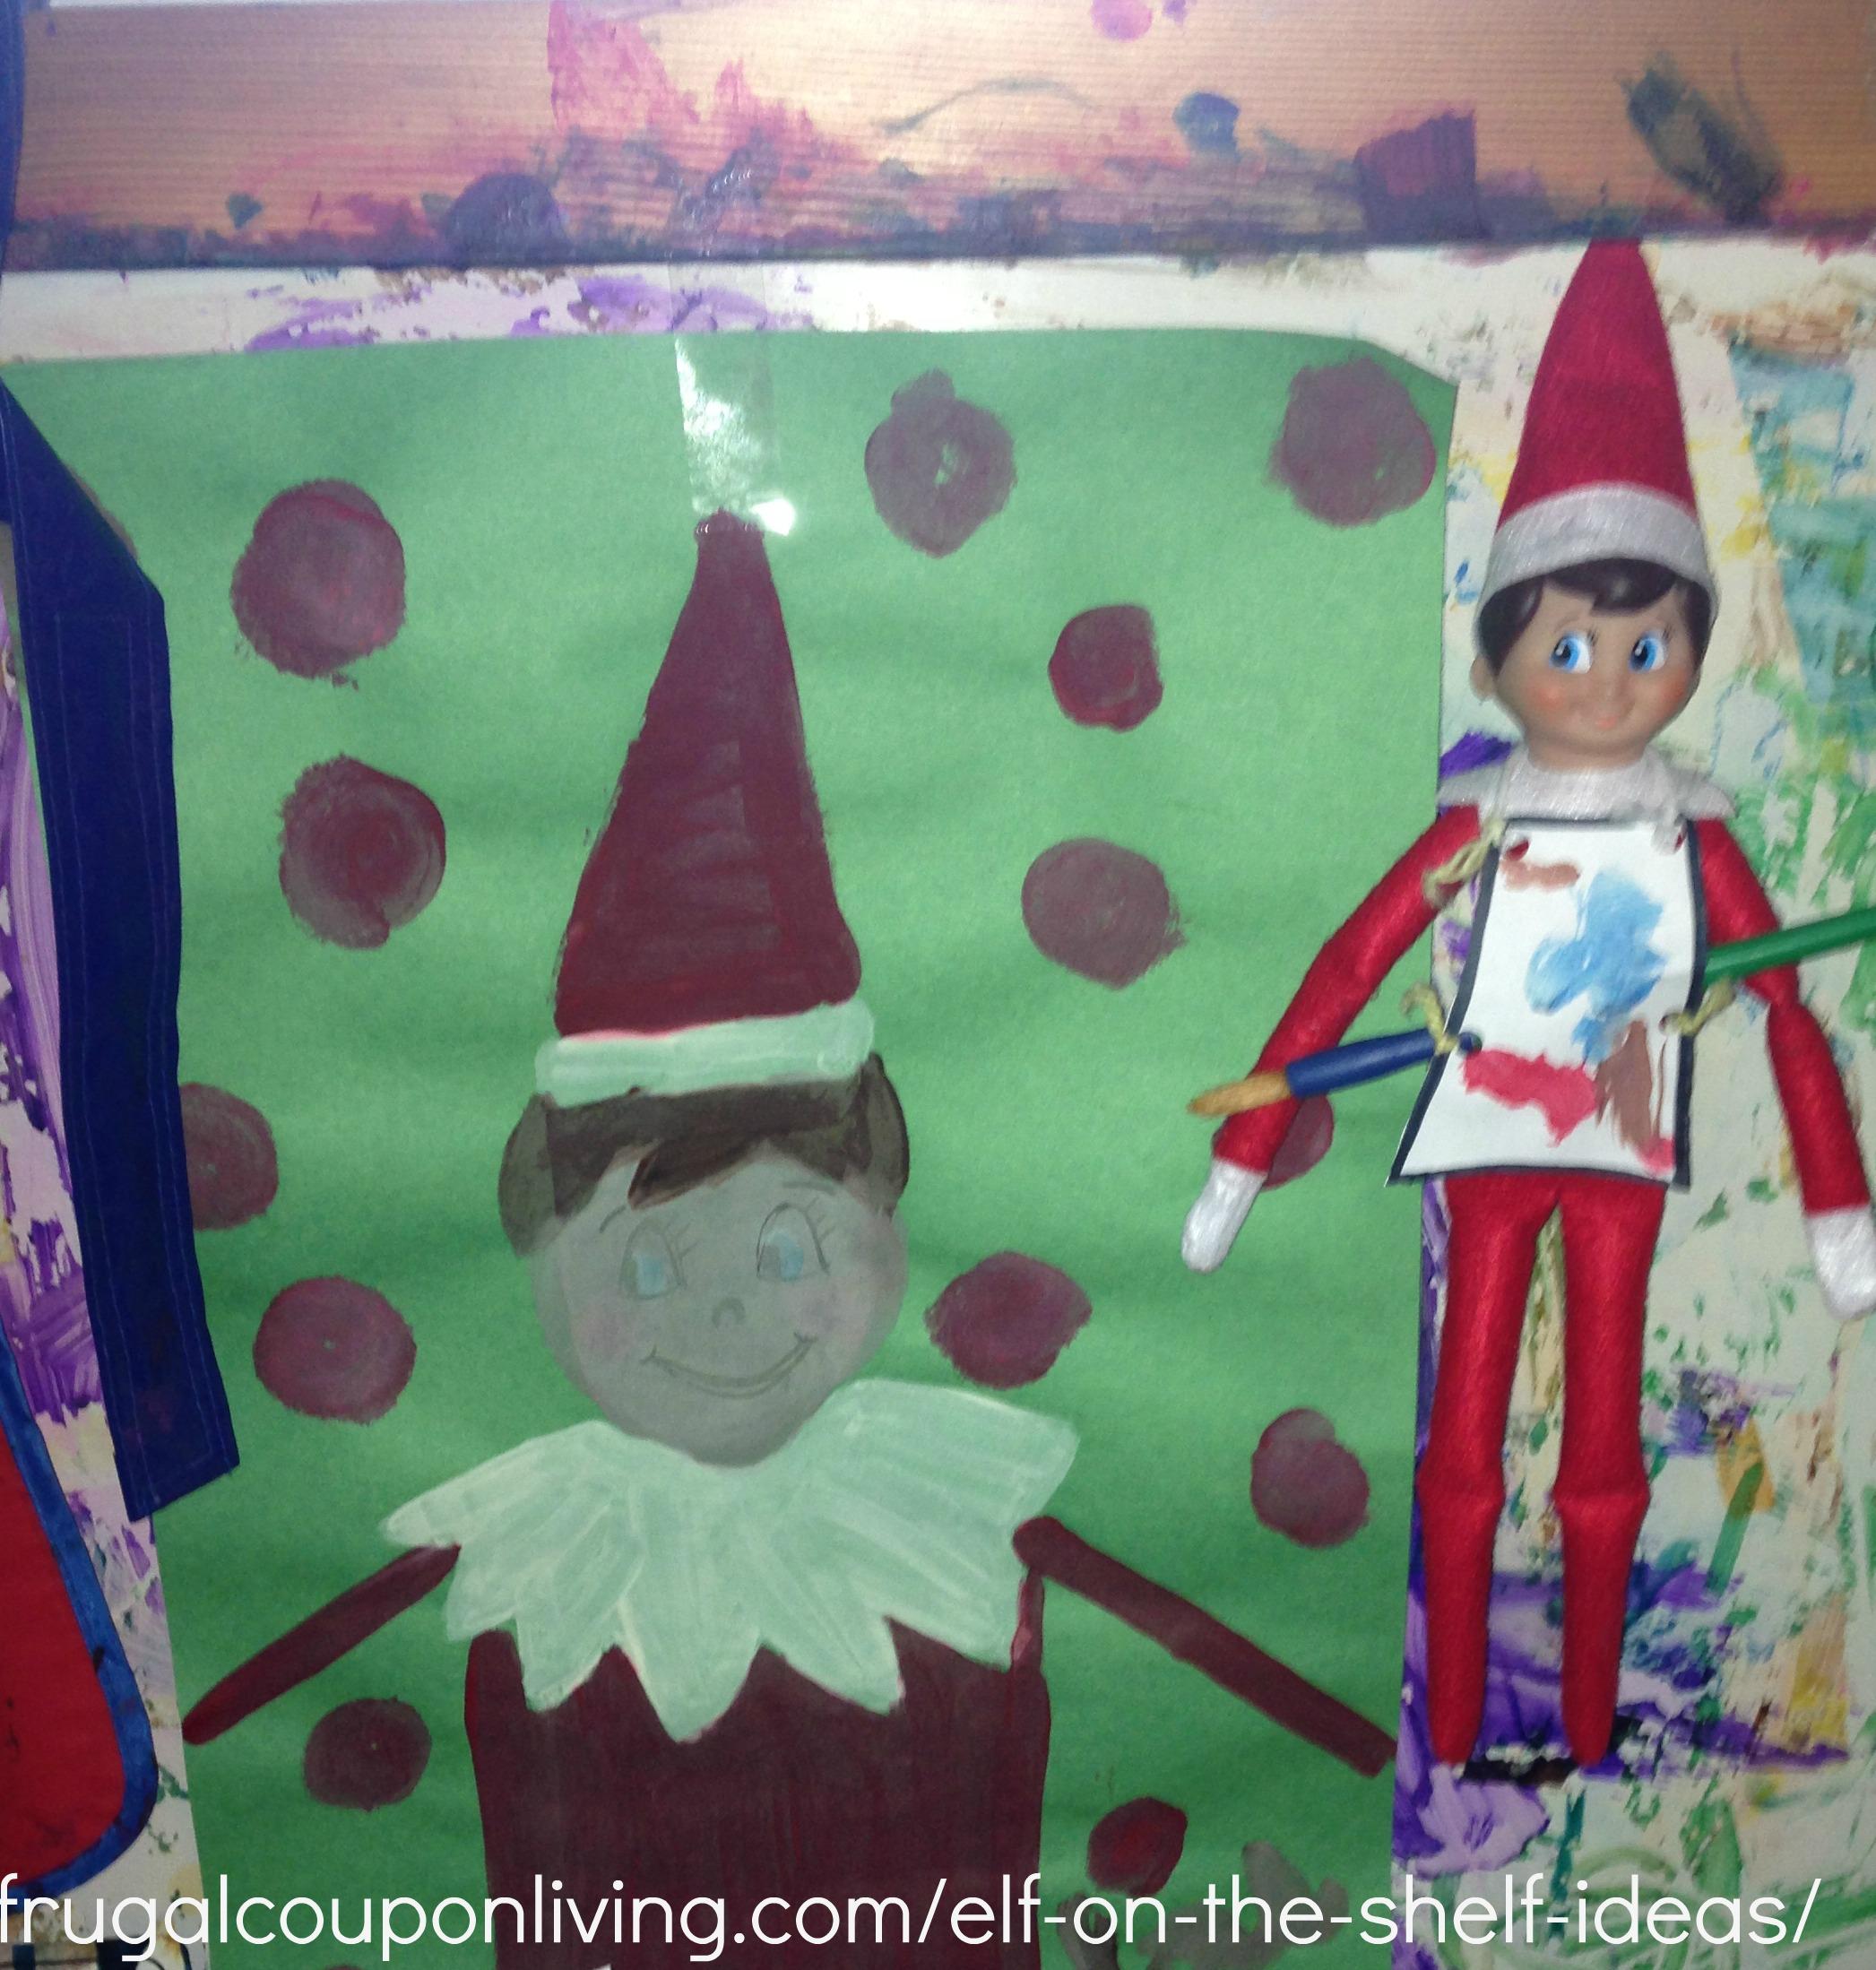 Coupon elf